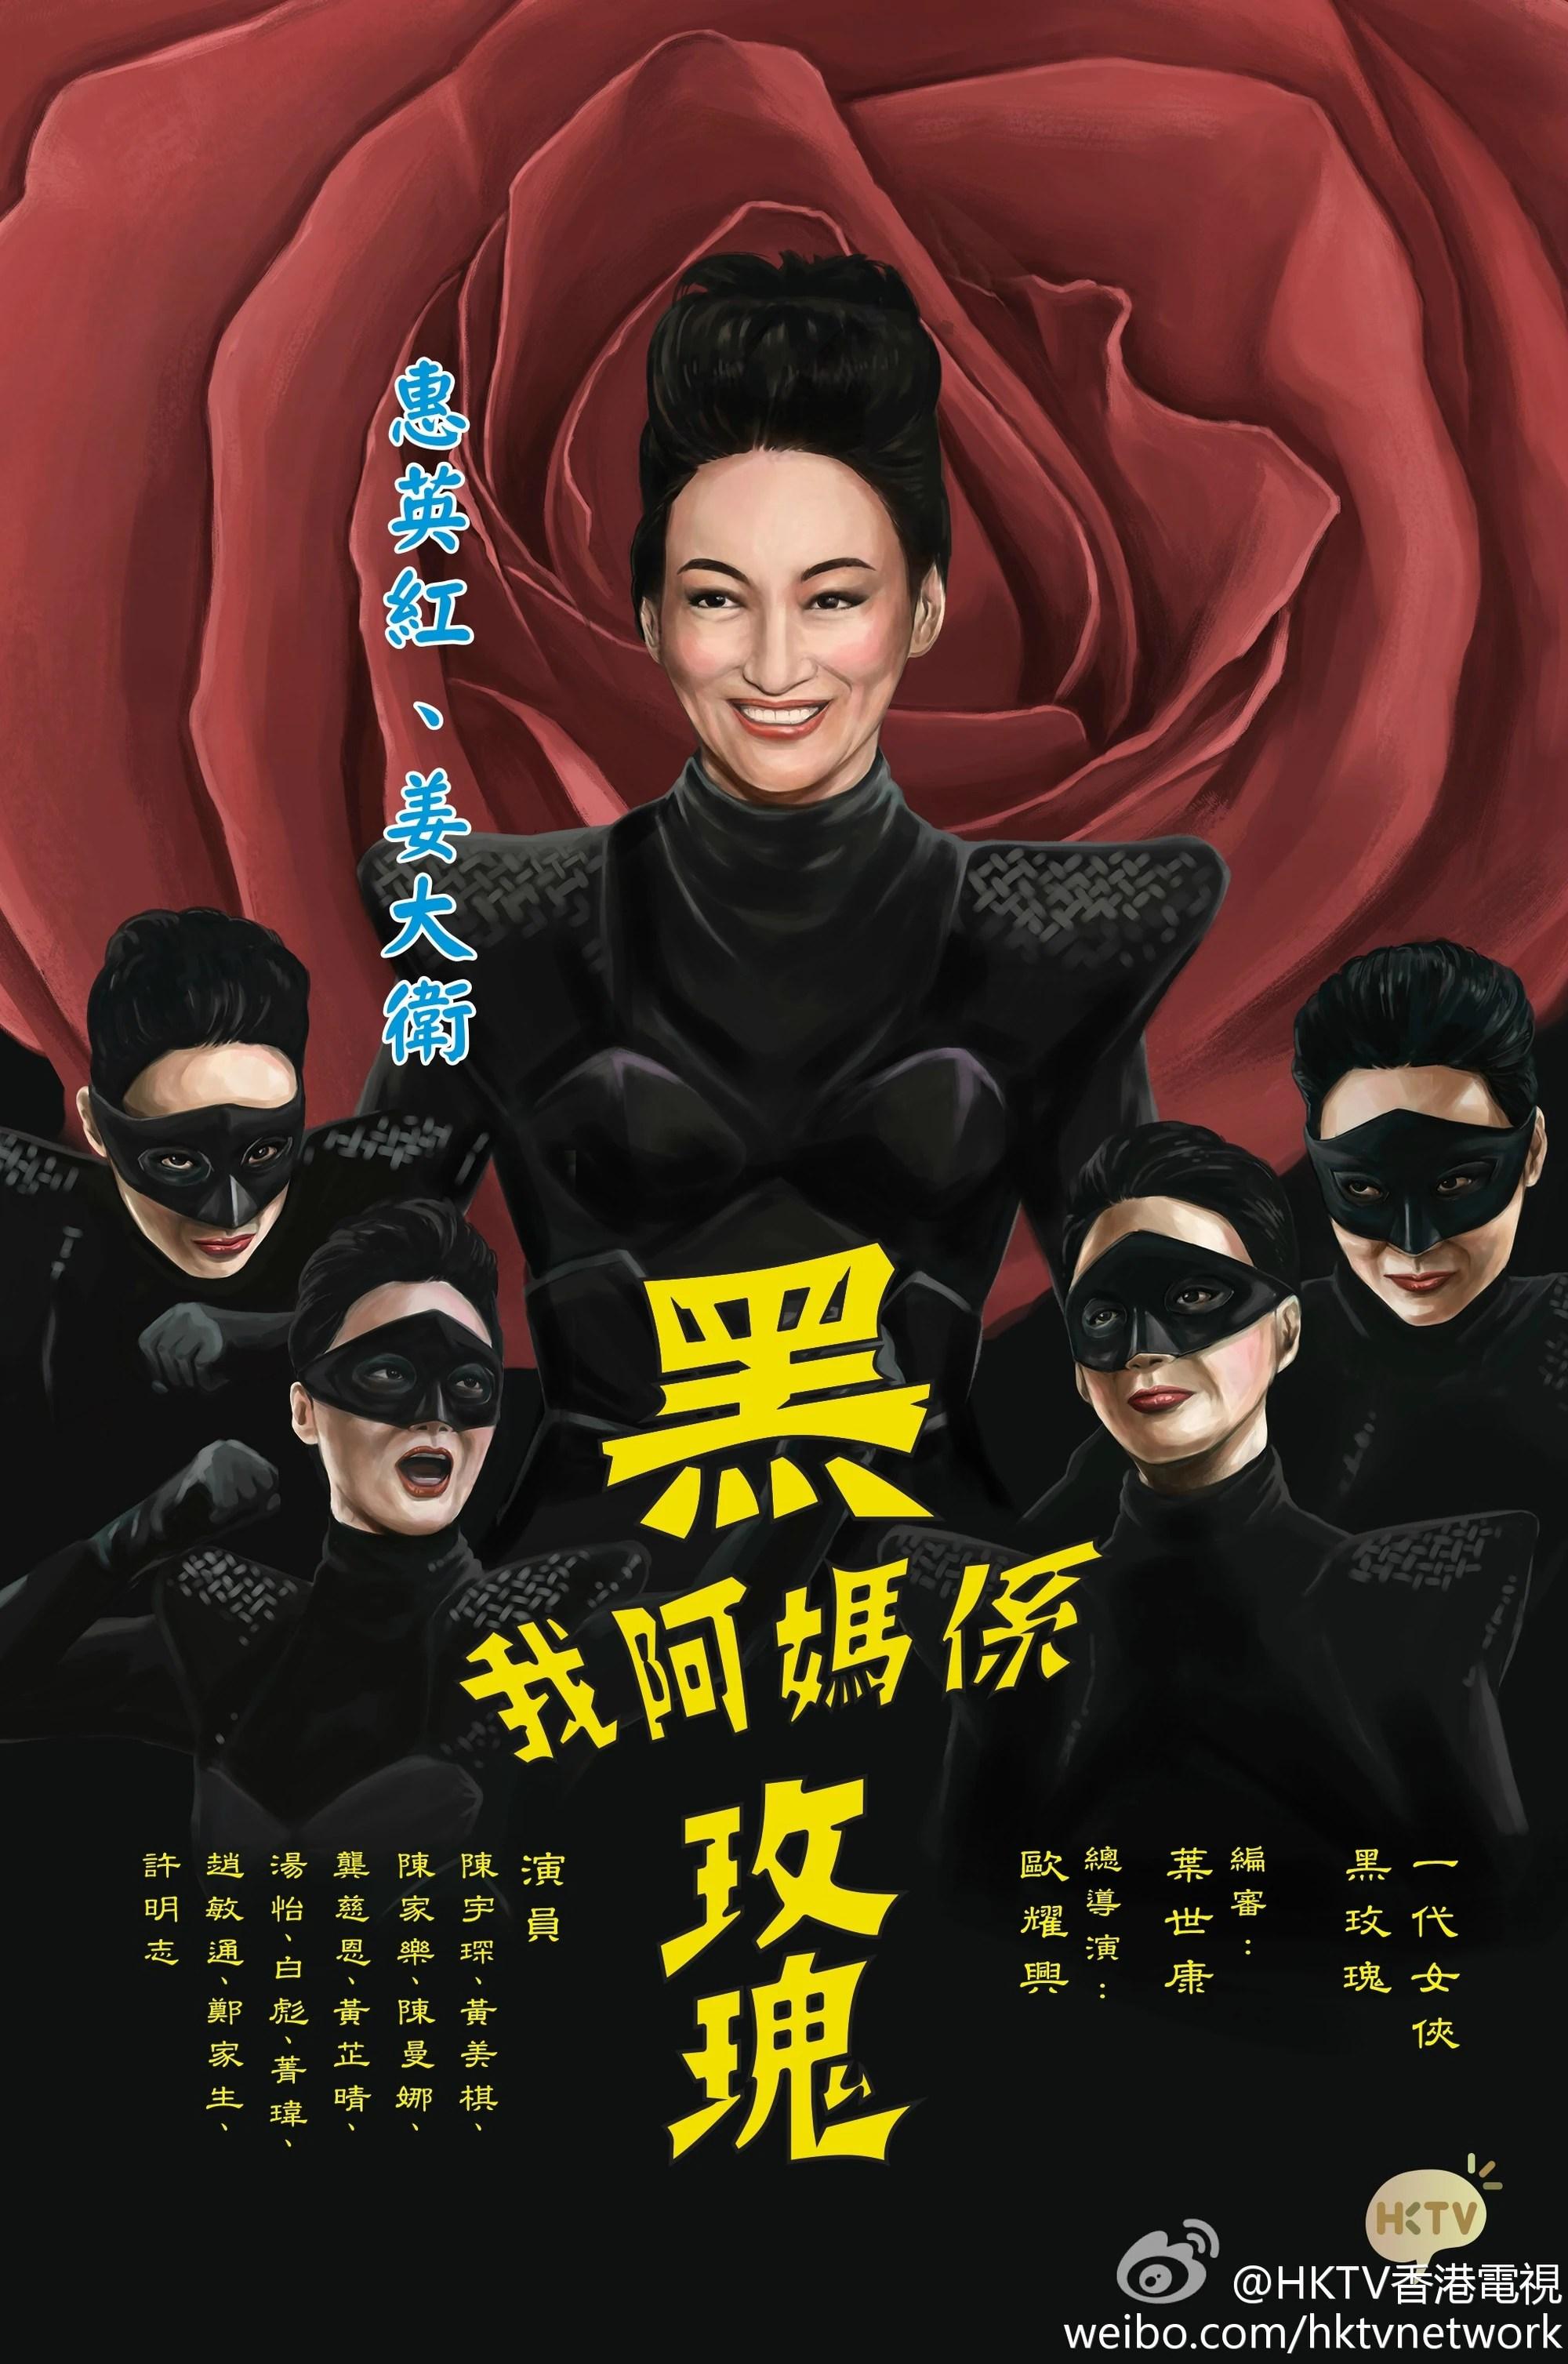 分類:2015年香港電視網絡劇集 | 香港網絡大典 | FANDOM powered by Wikia